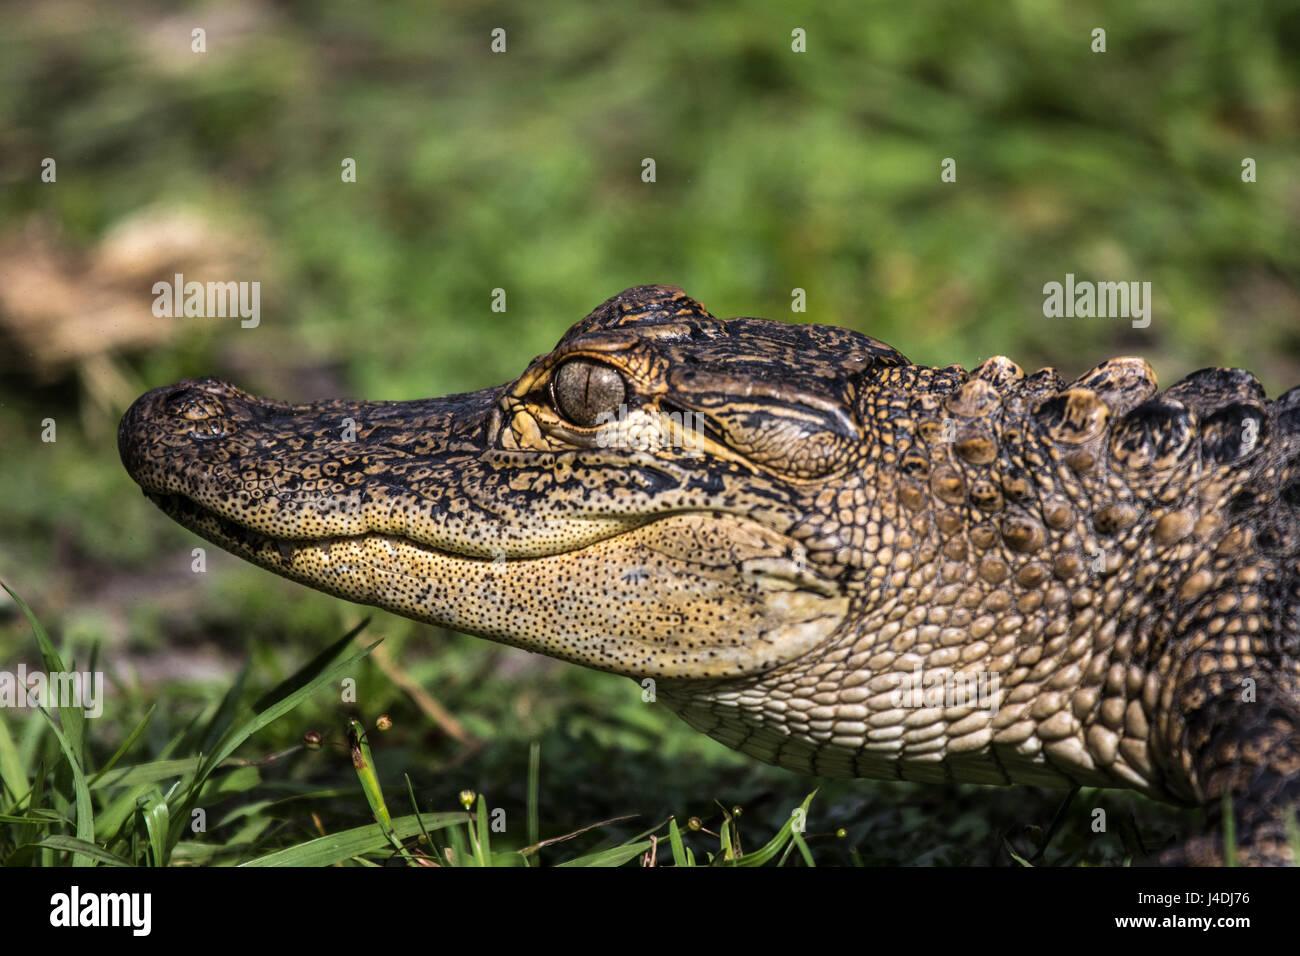 Cabeza de un cocodrilo joven Imagen De Stock